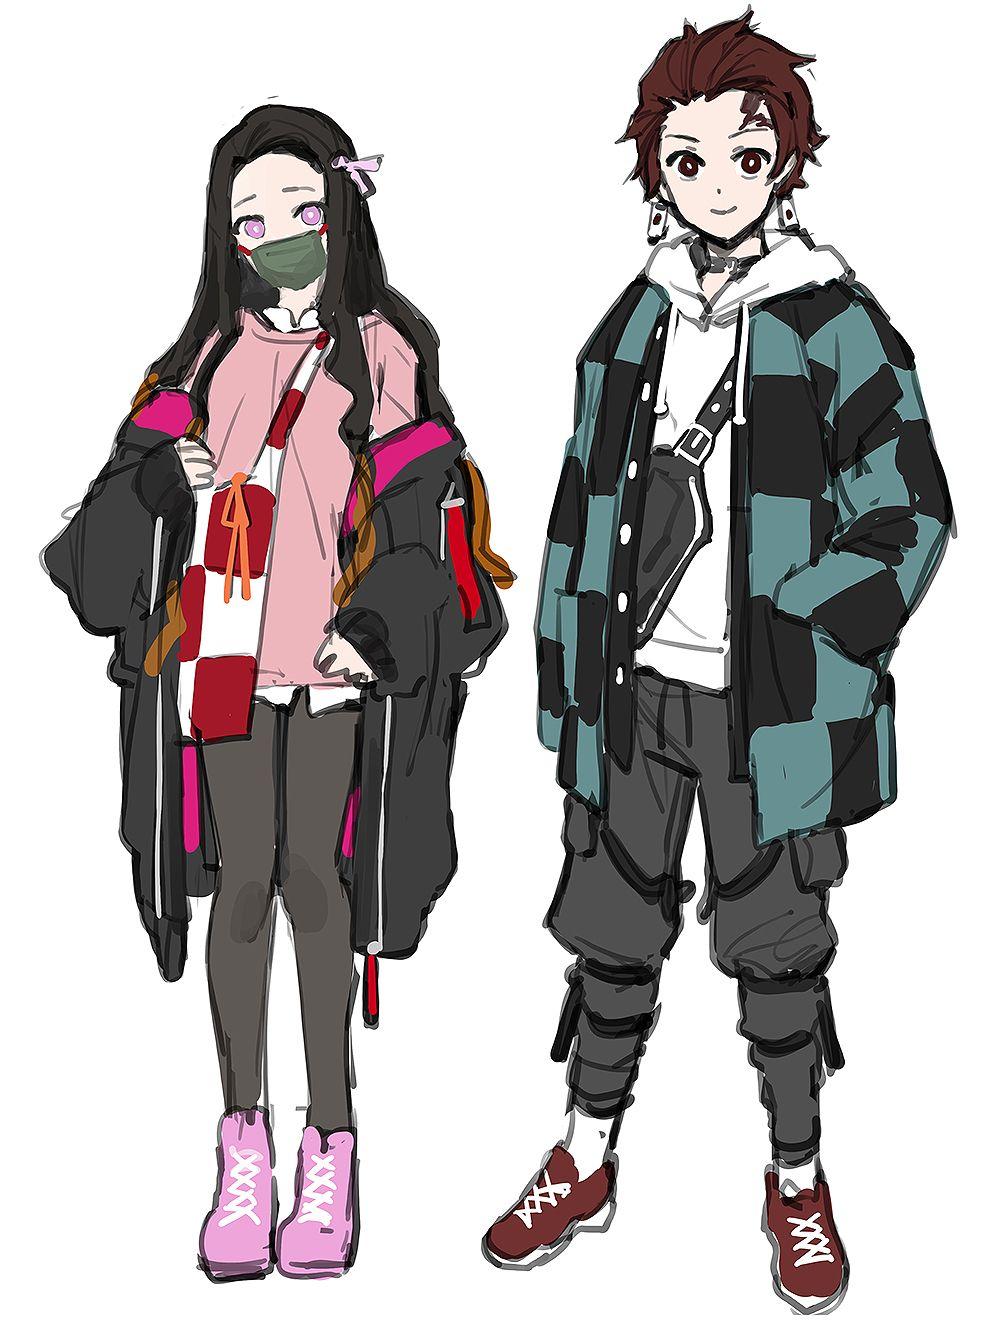 モ誰 on Twitter in 2020 Anime demon boy, Anime demon